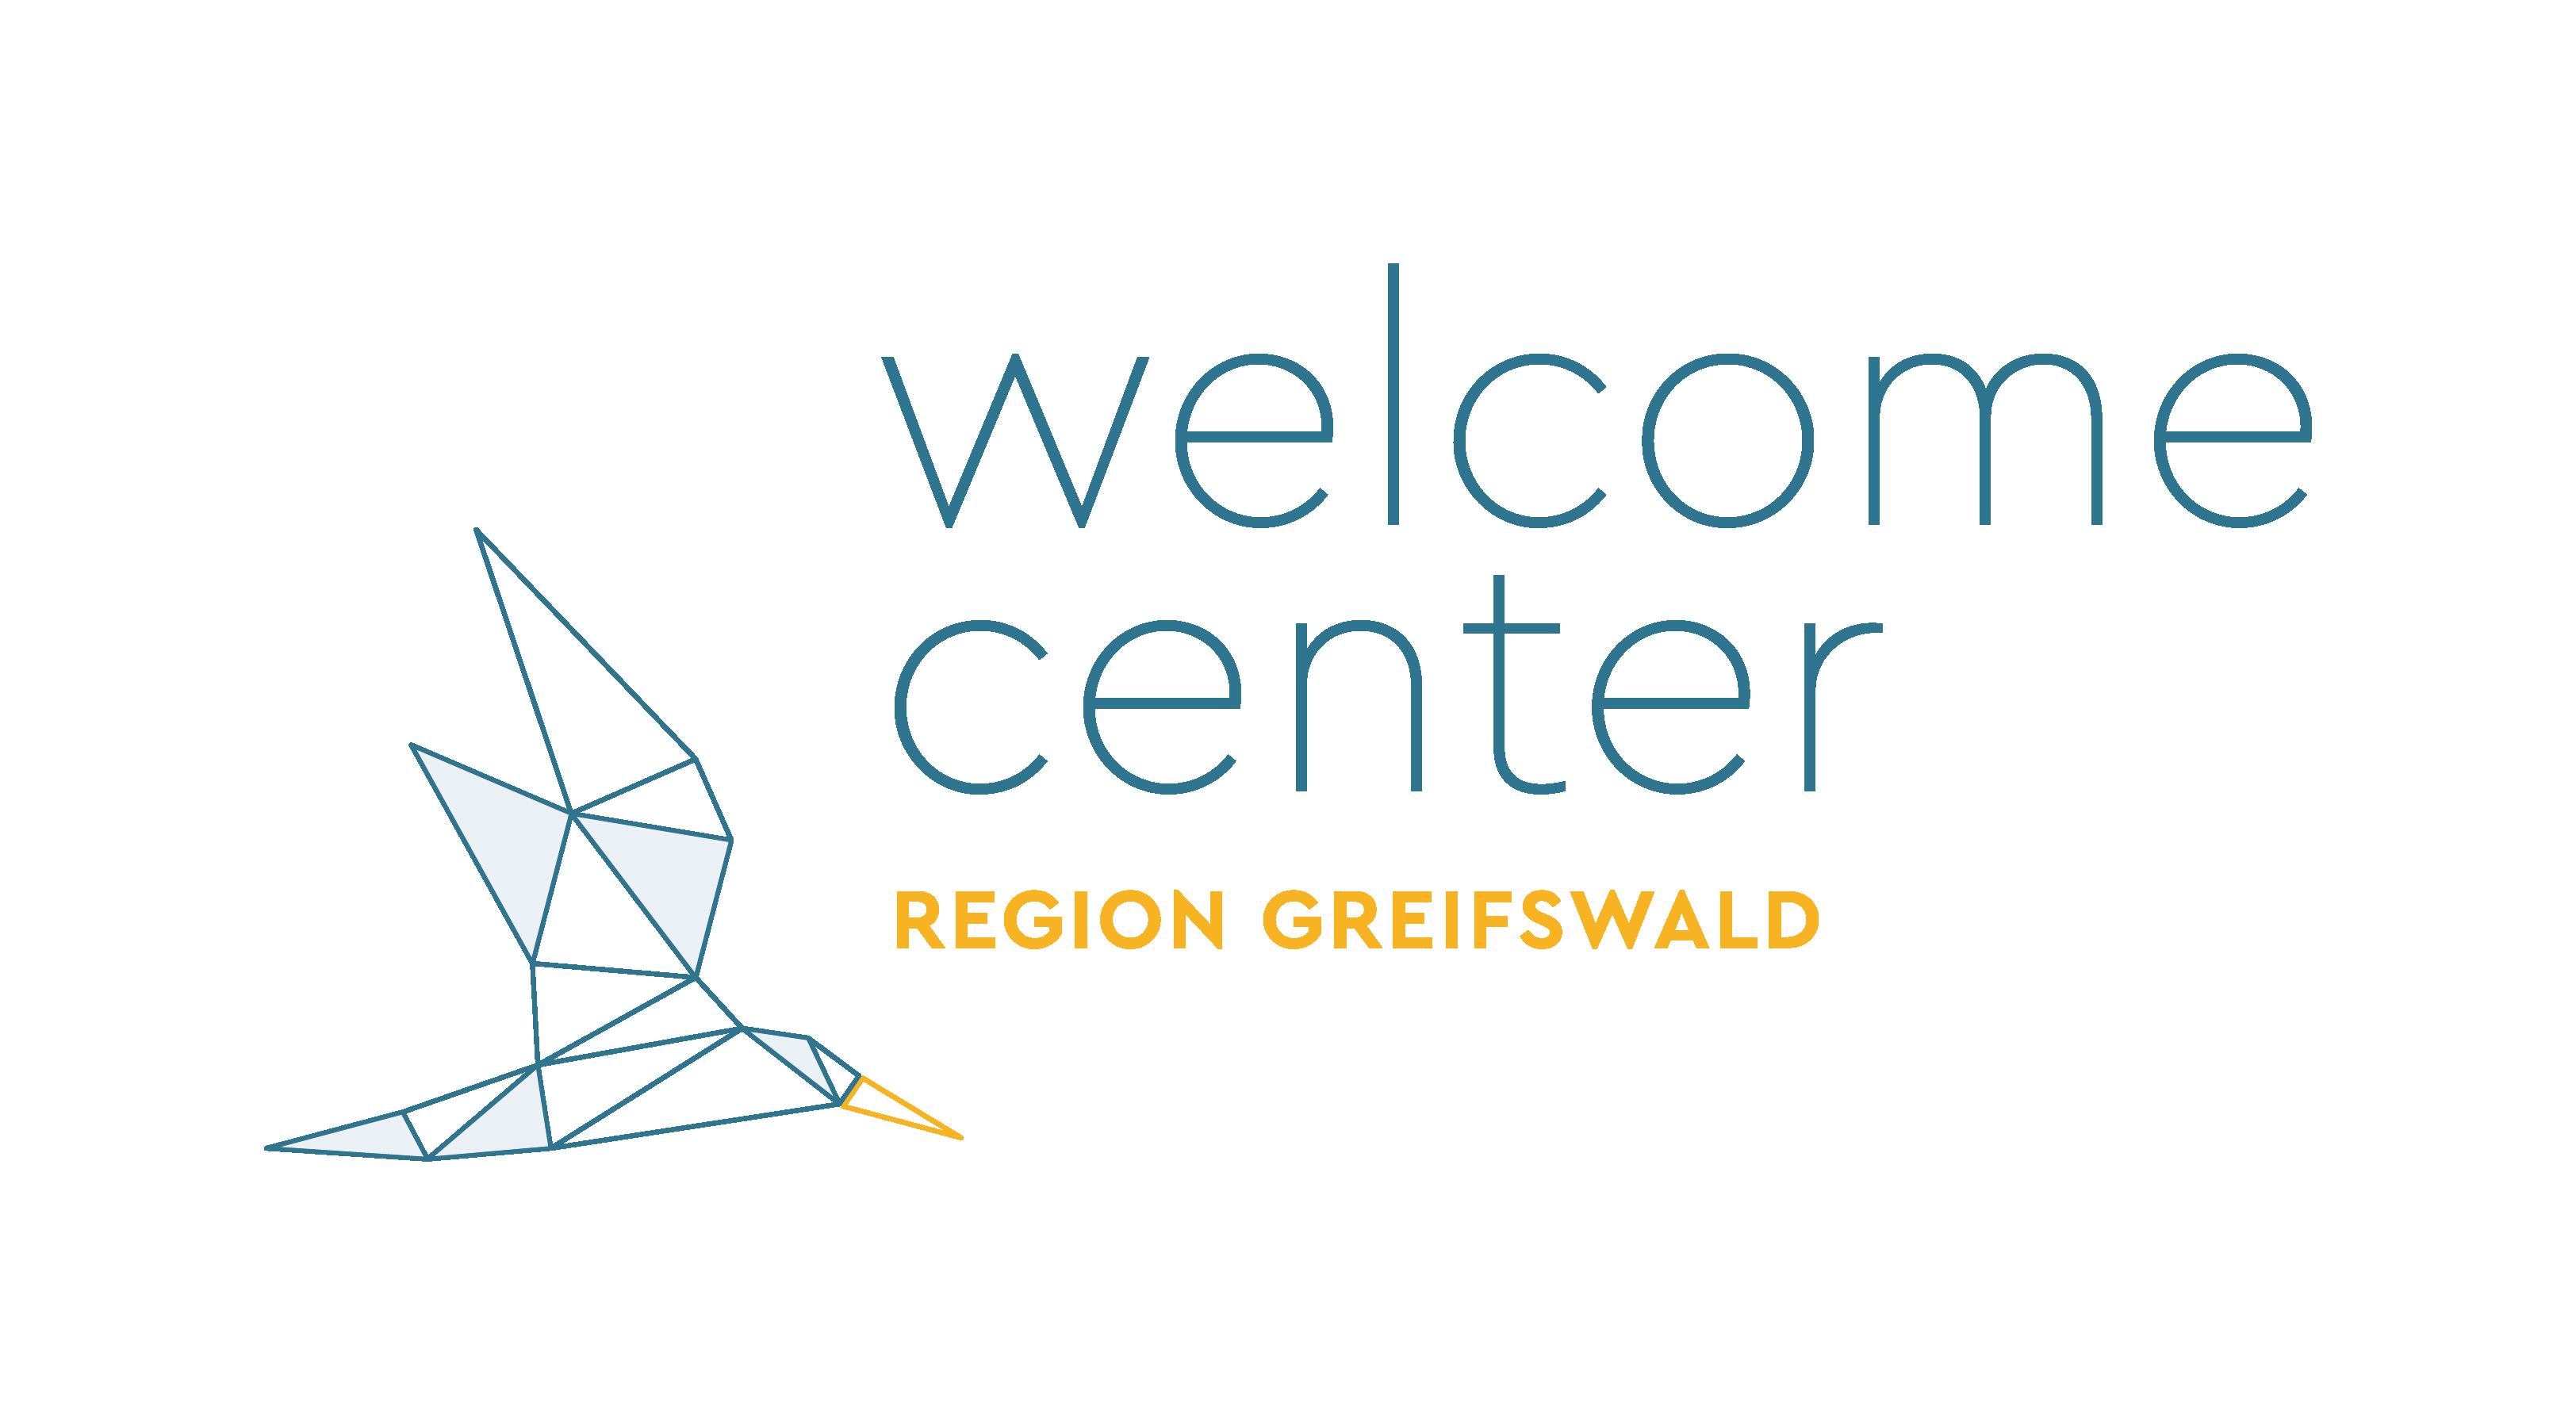 Welcome Center Region Greifswald